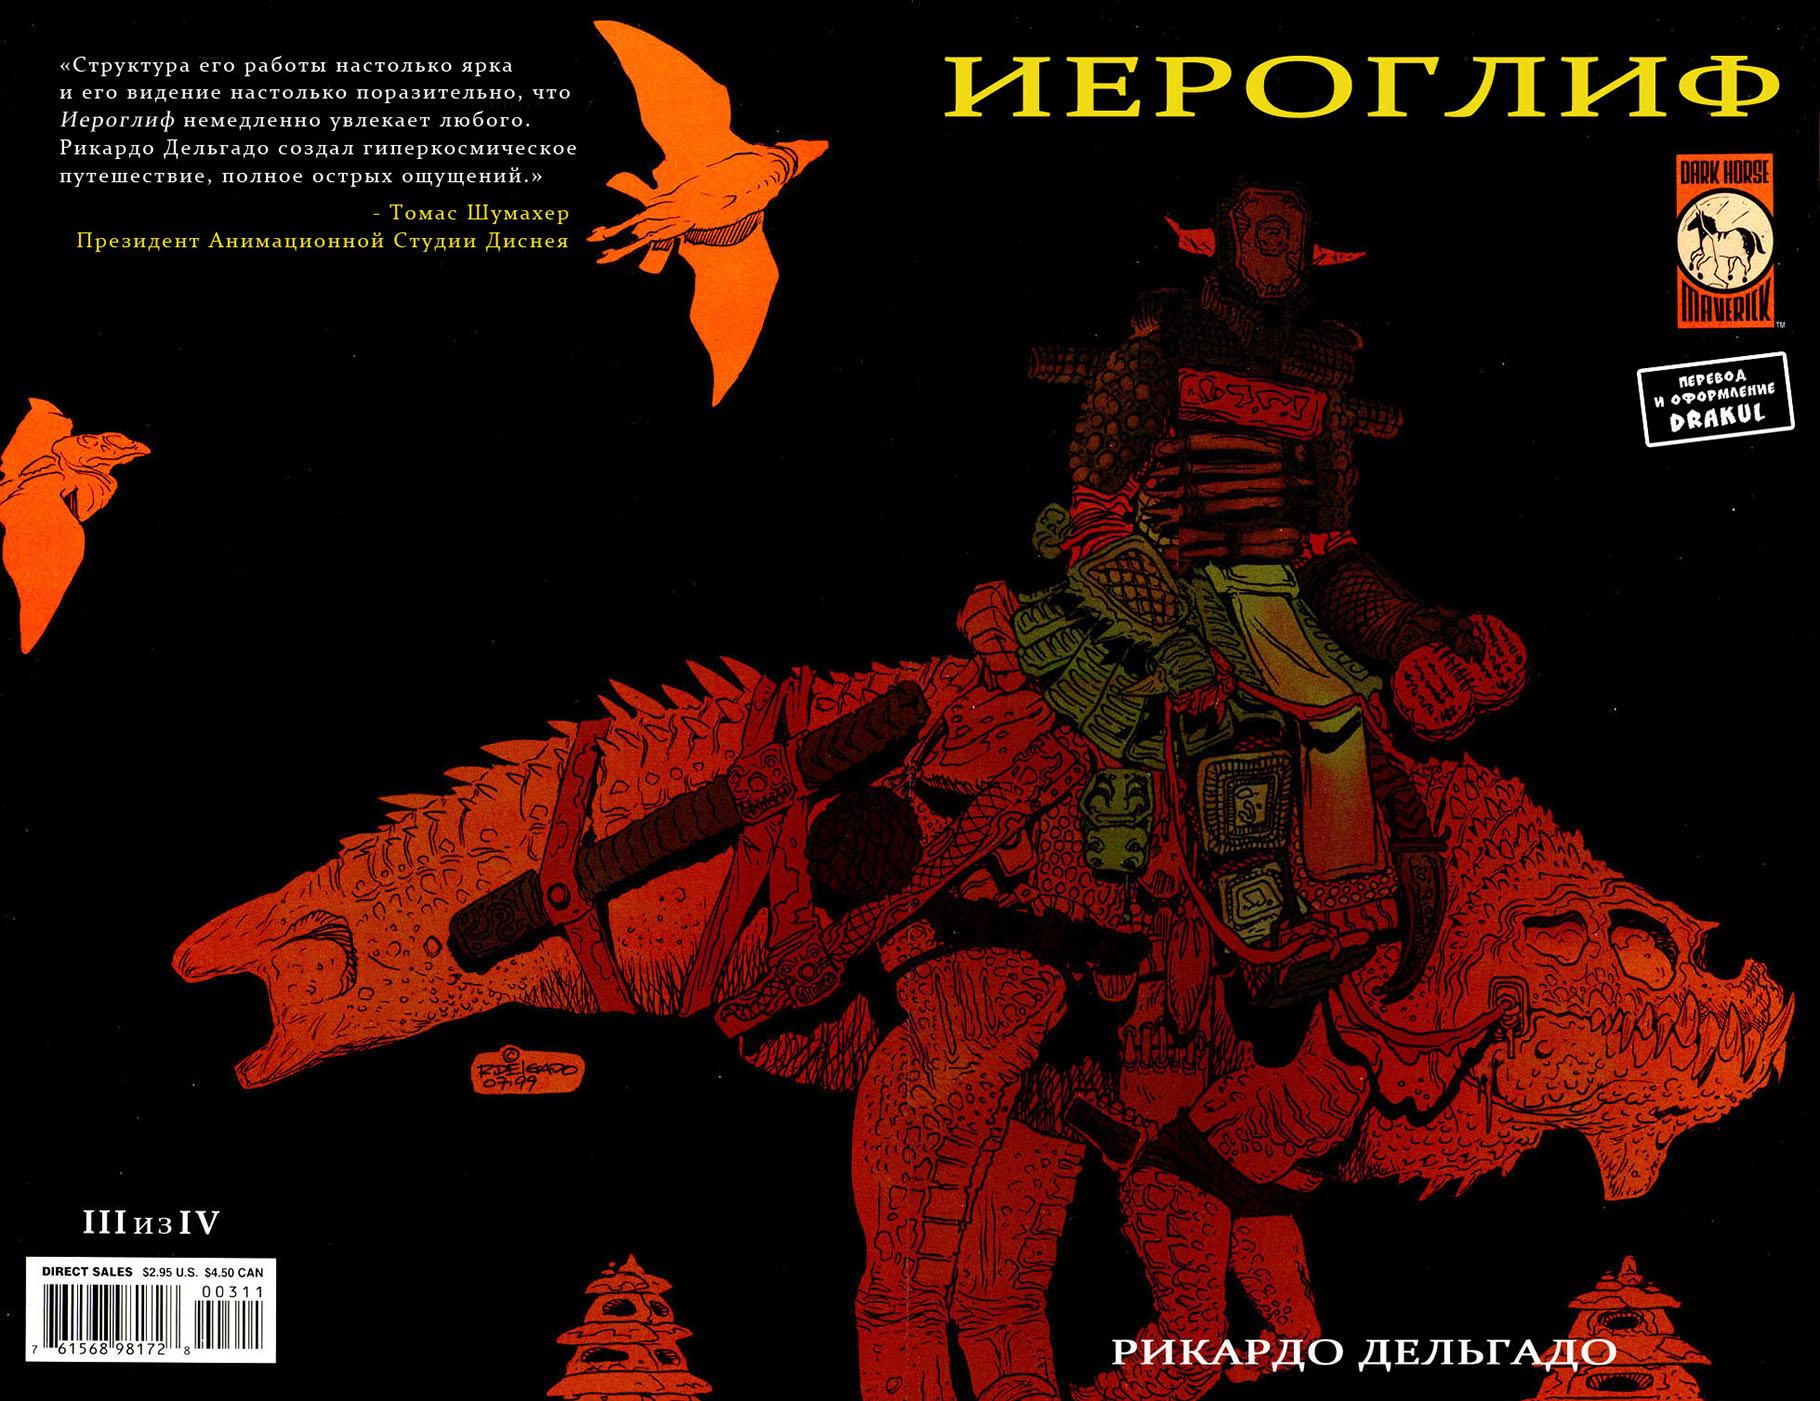 Комикс Иероглиф